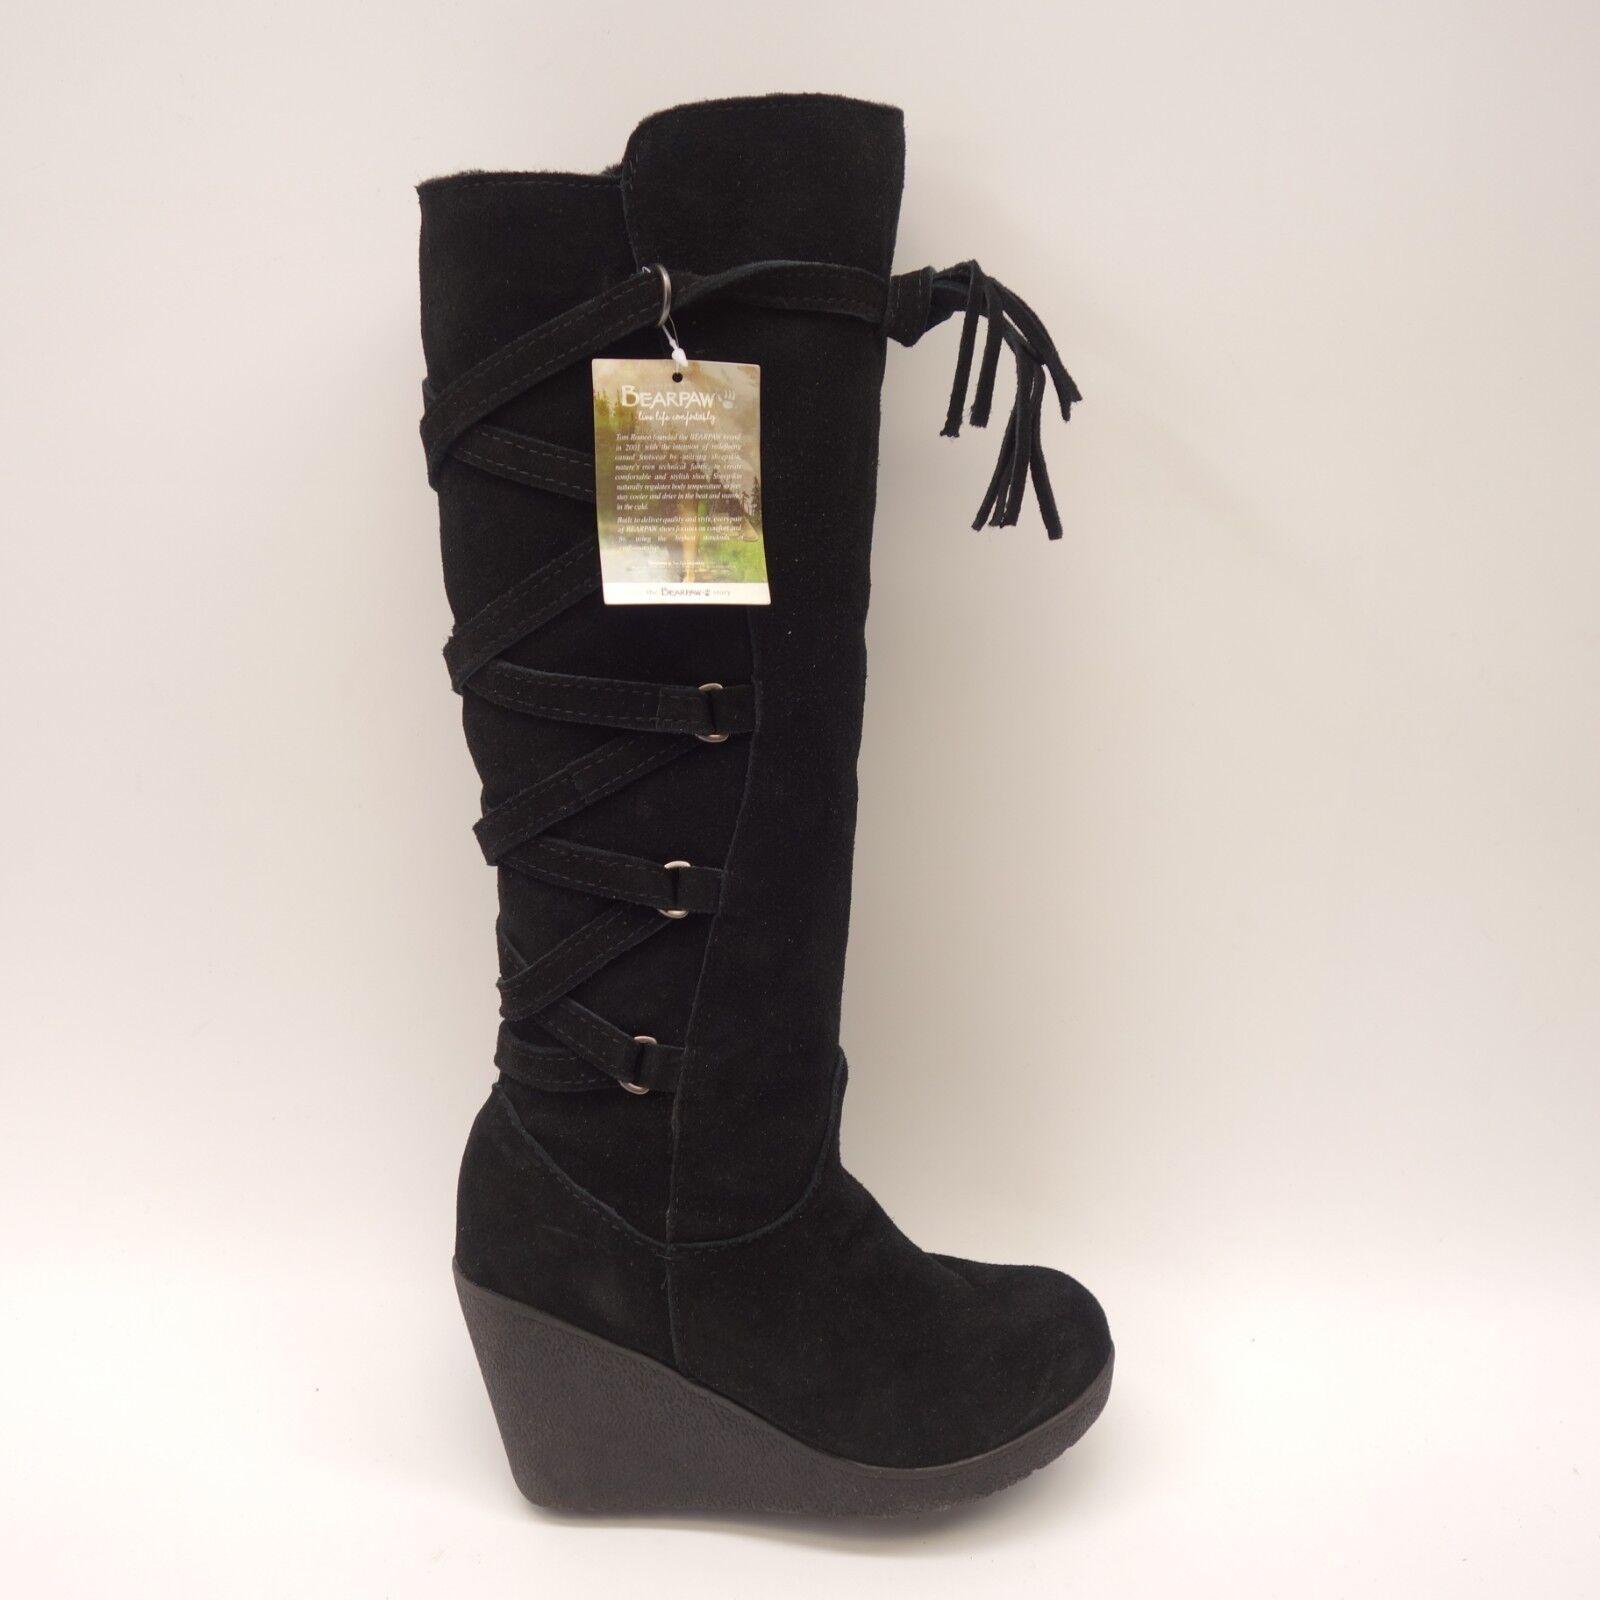 Nuevo señora Bearpaw Britney negro gamuza cuero torsión torsión torsión de rodilla tacón de cuña botas  gran descuento